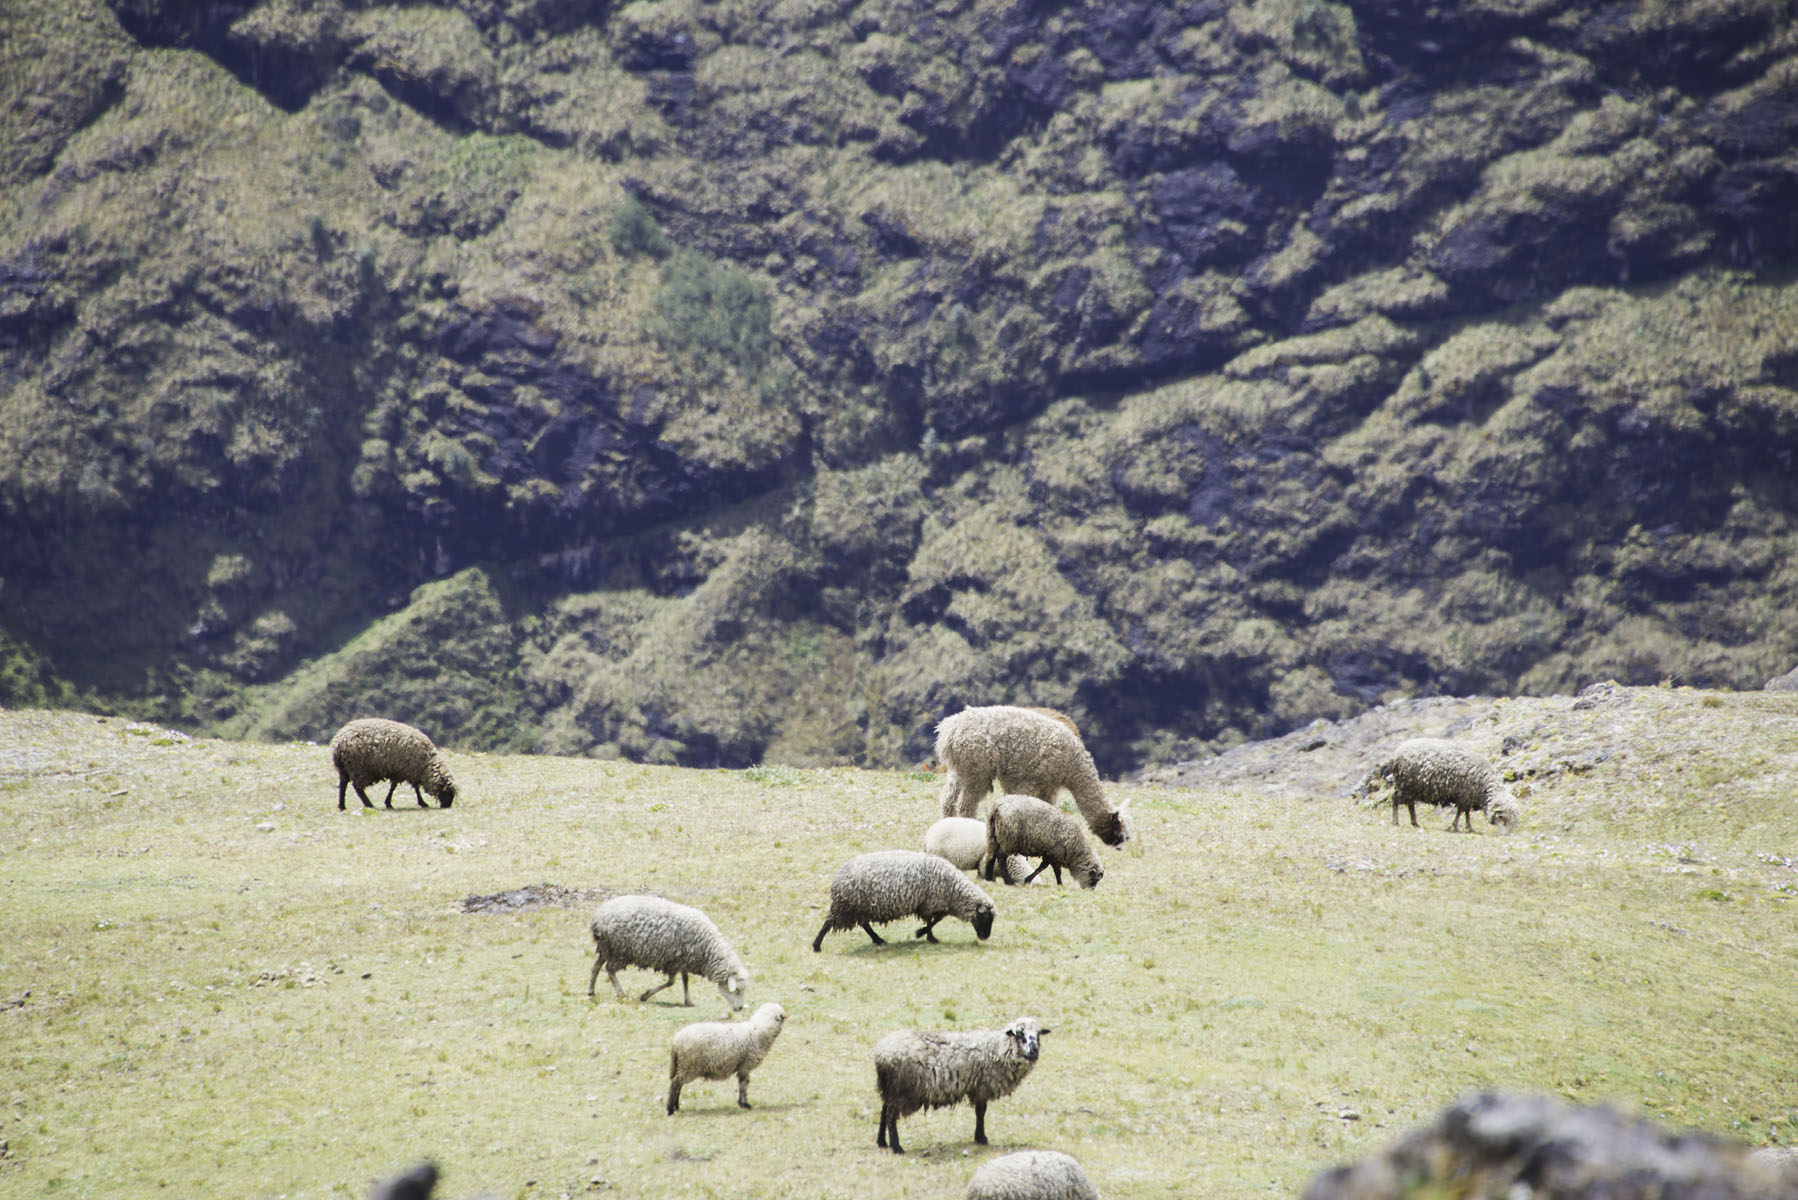 277-Peru-5-15_web.jpg